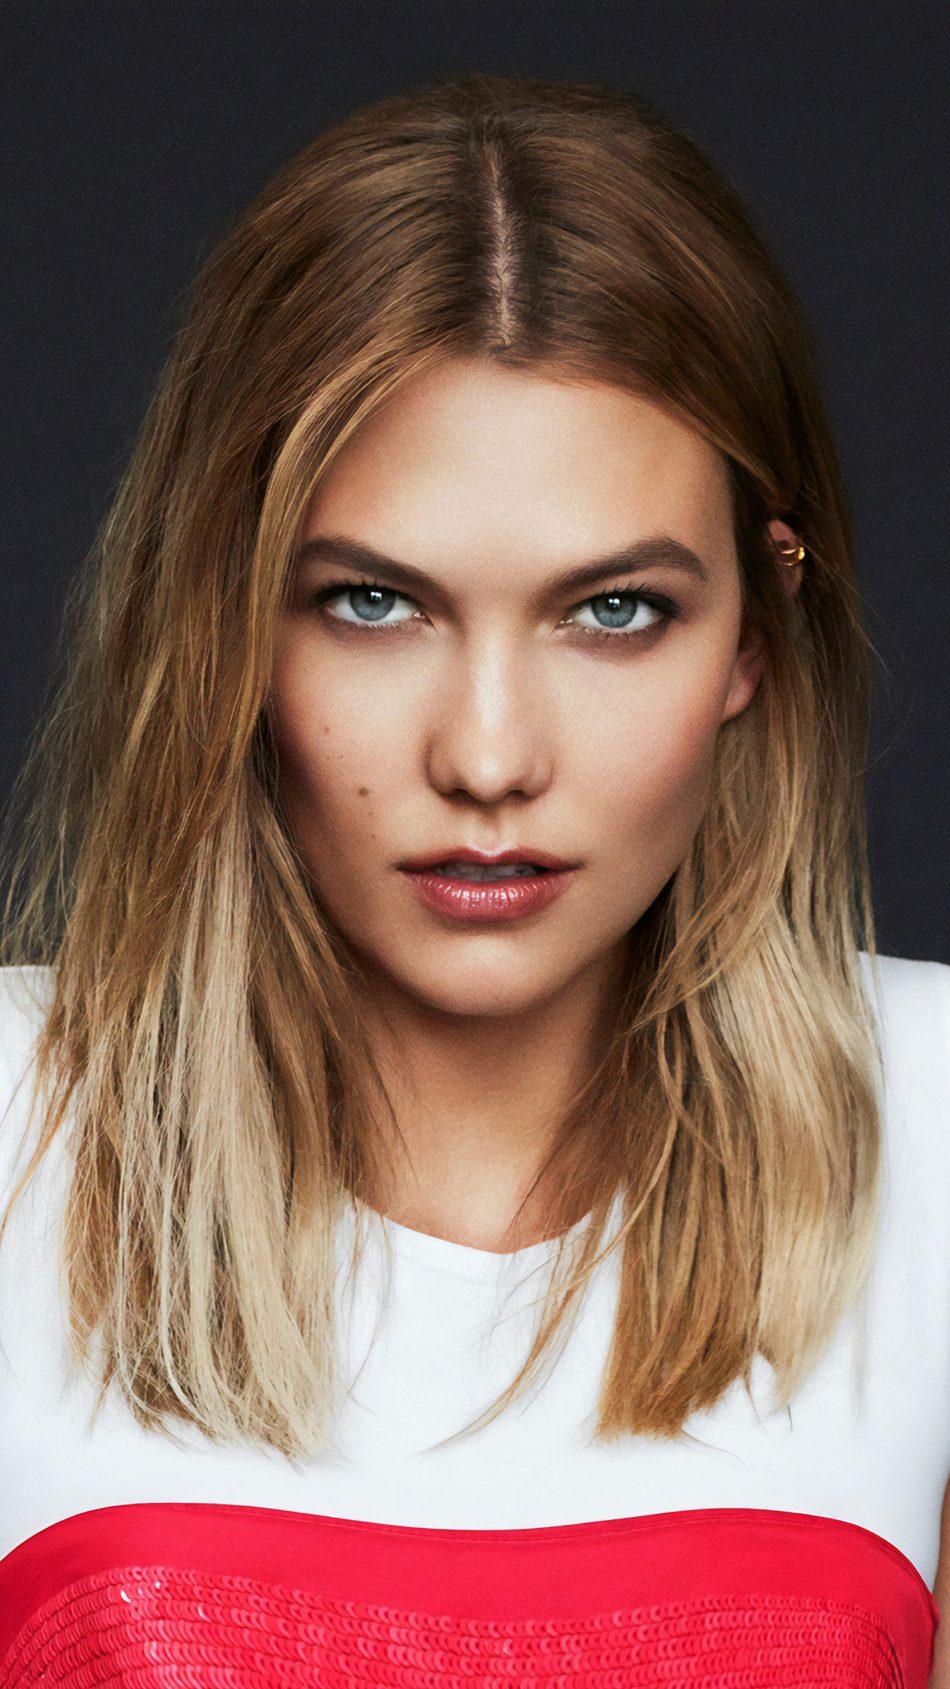 Karlie Kloss 2019 Photoshoot 4K Ultra HD Mobile Wallpaper